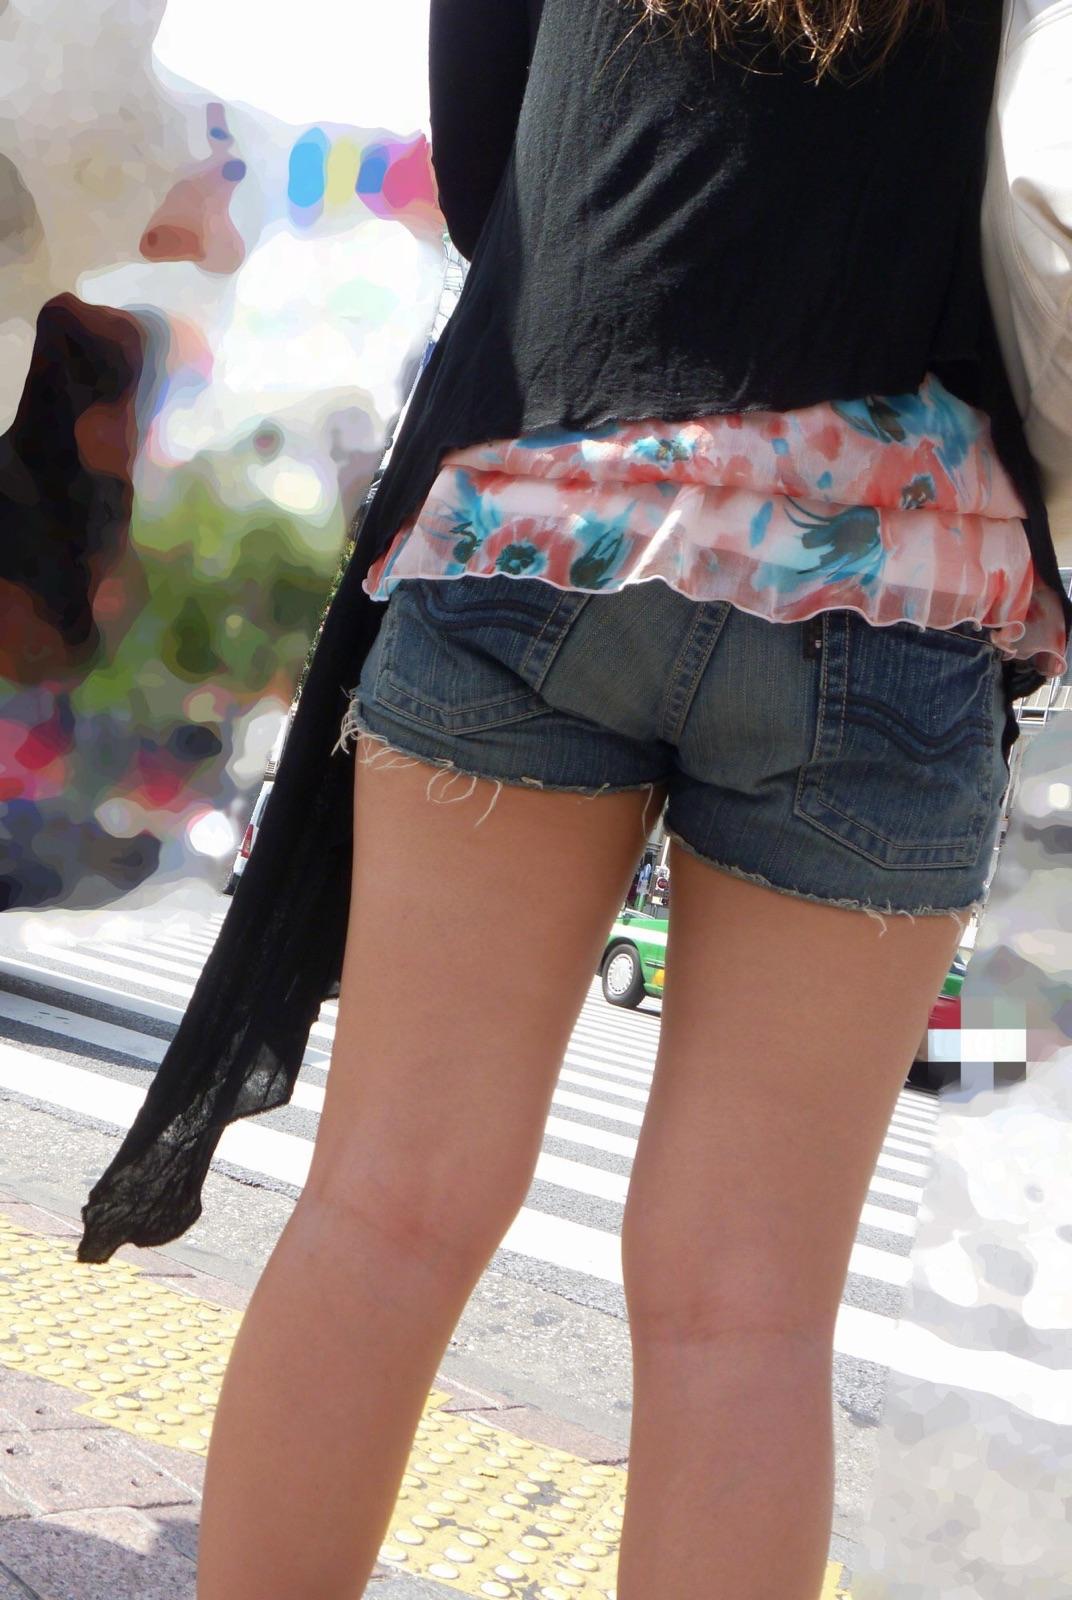 【ショーパンエロ画像】美脚とハミ尻どちらも見放題な街角ショーパン撮りwww 02